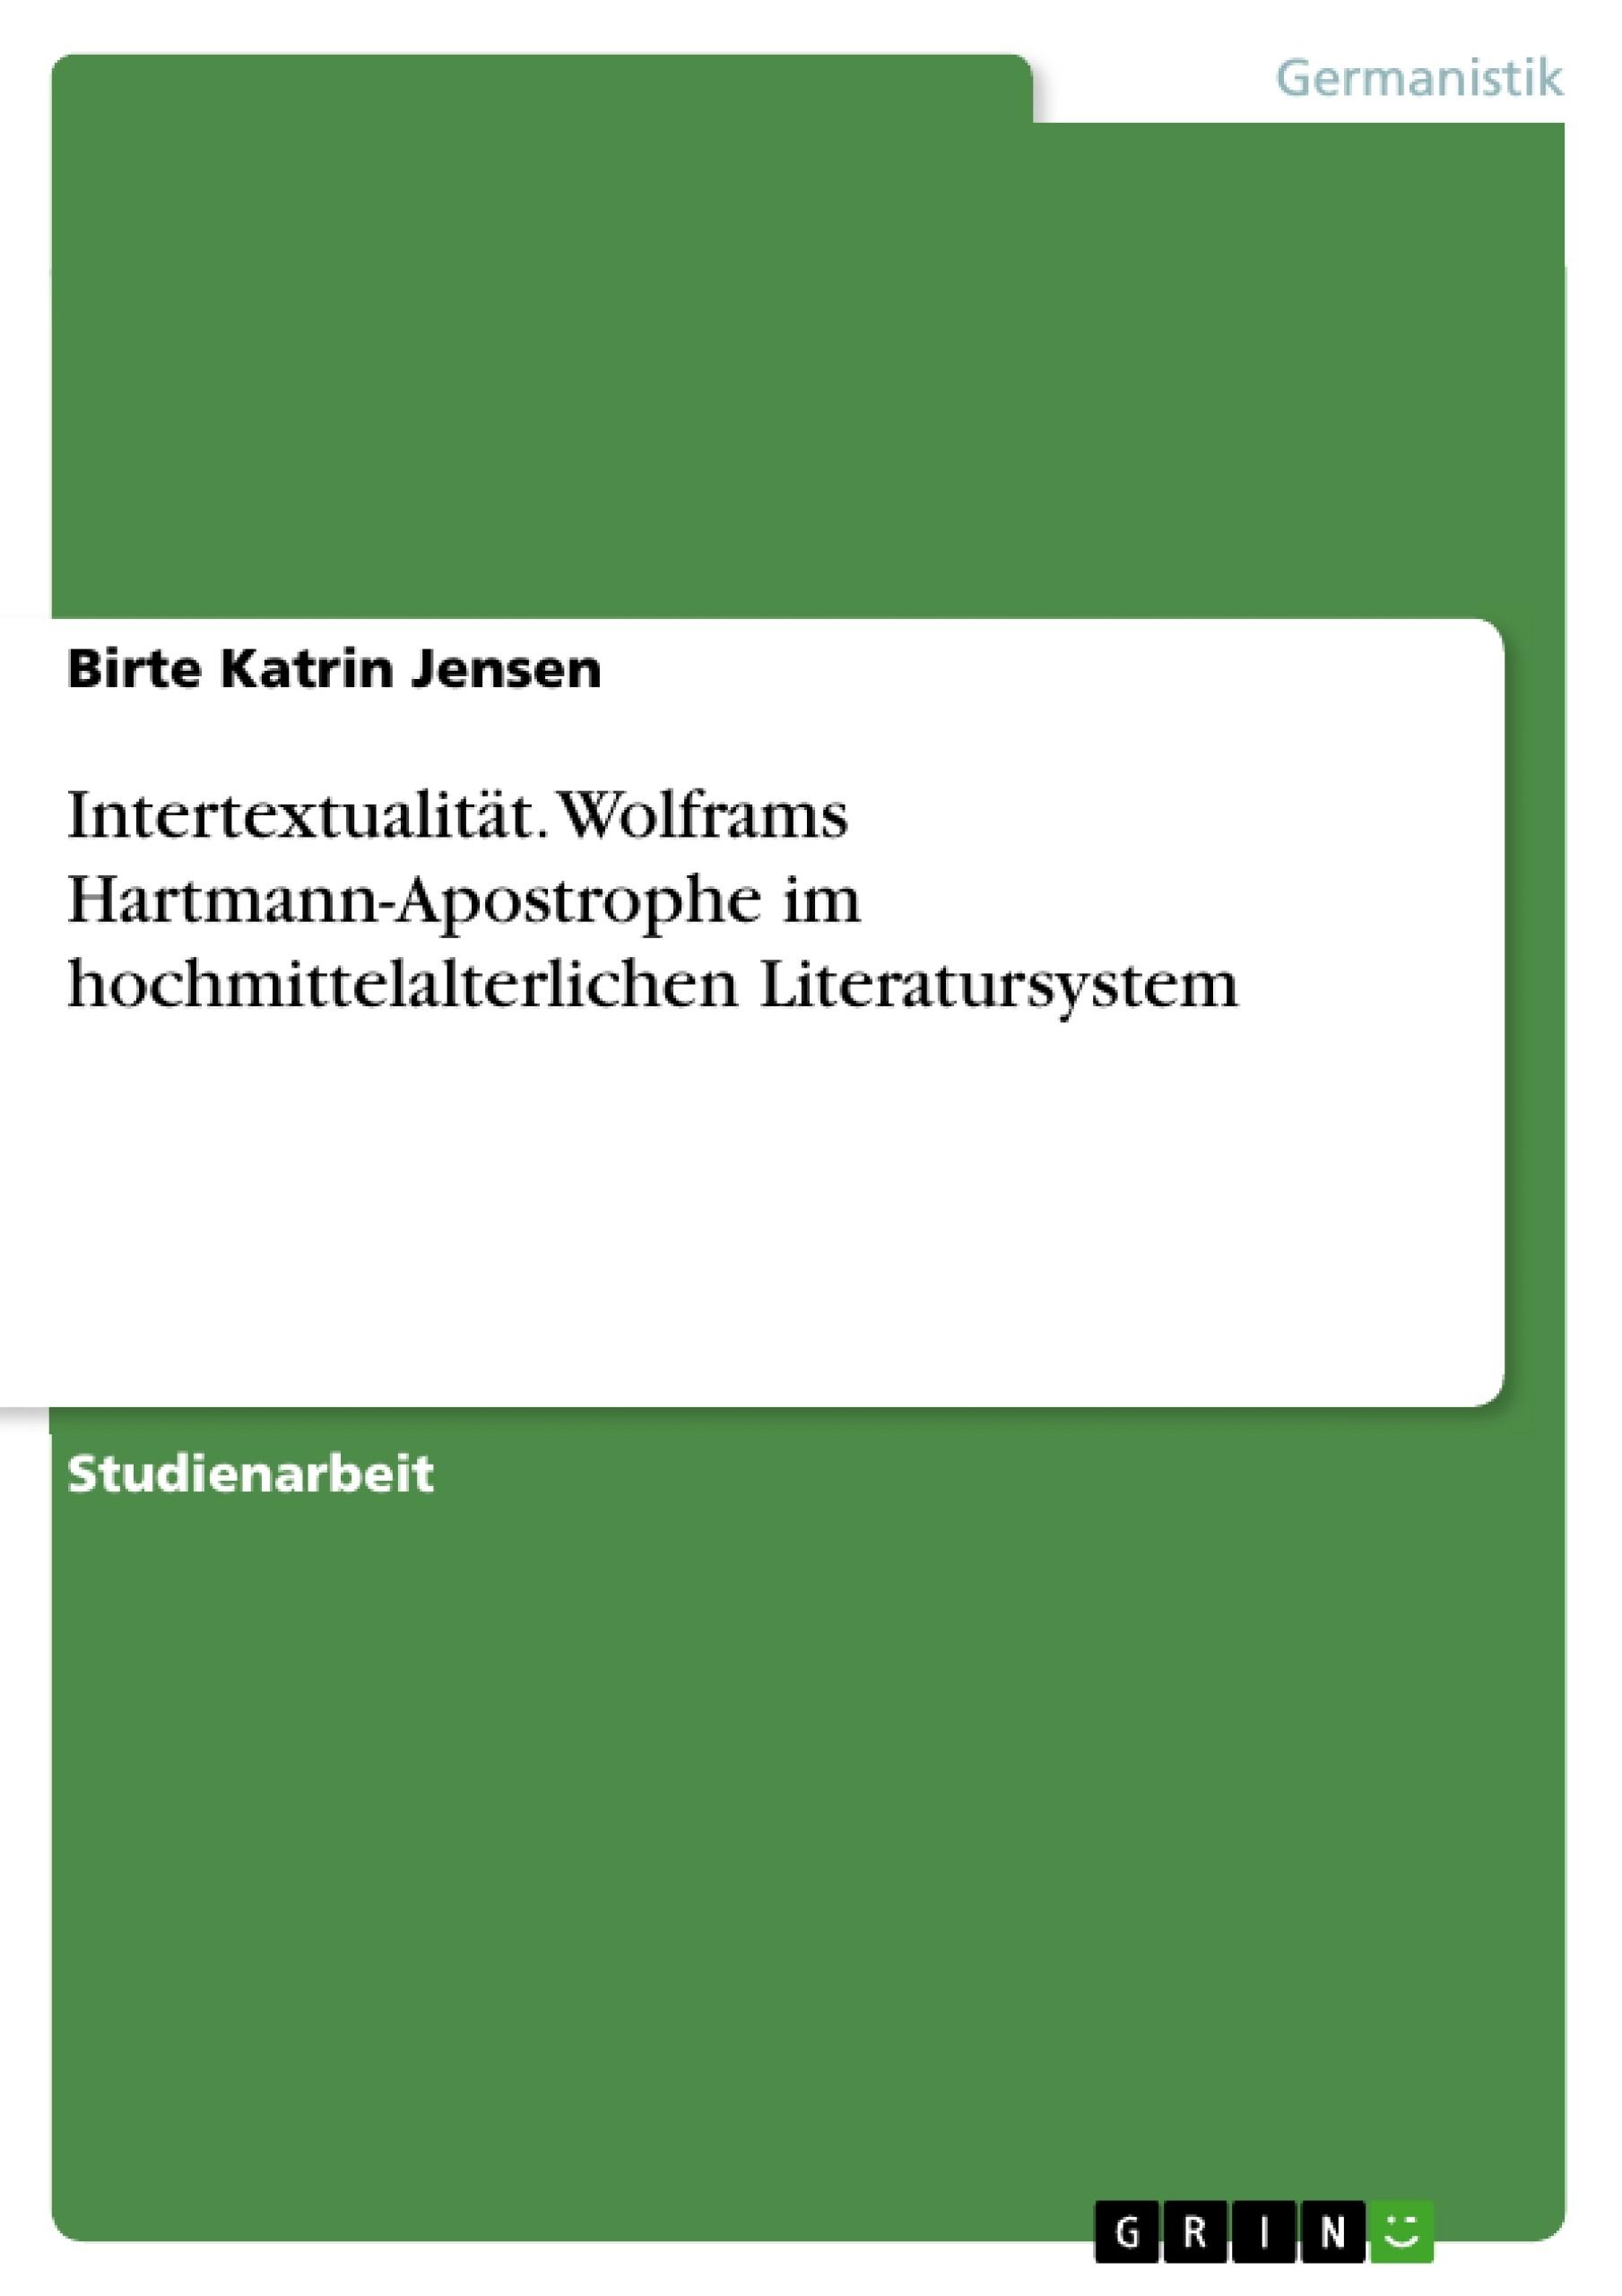 Titel: Intertextualität. Wolframs Hartmann-Apostrophe im hochmittelalterlichen Literatursystem